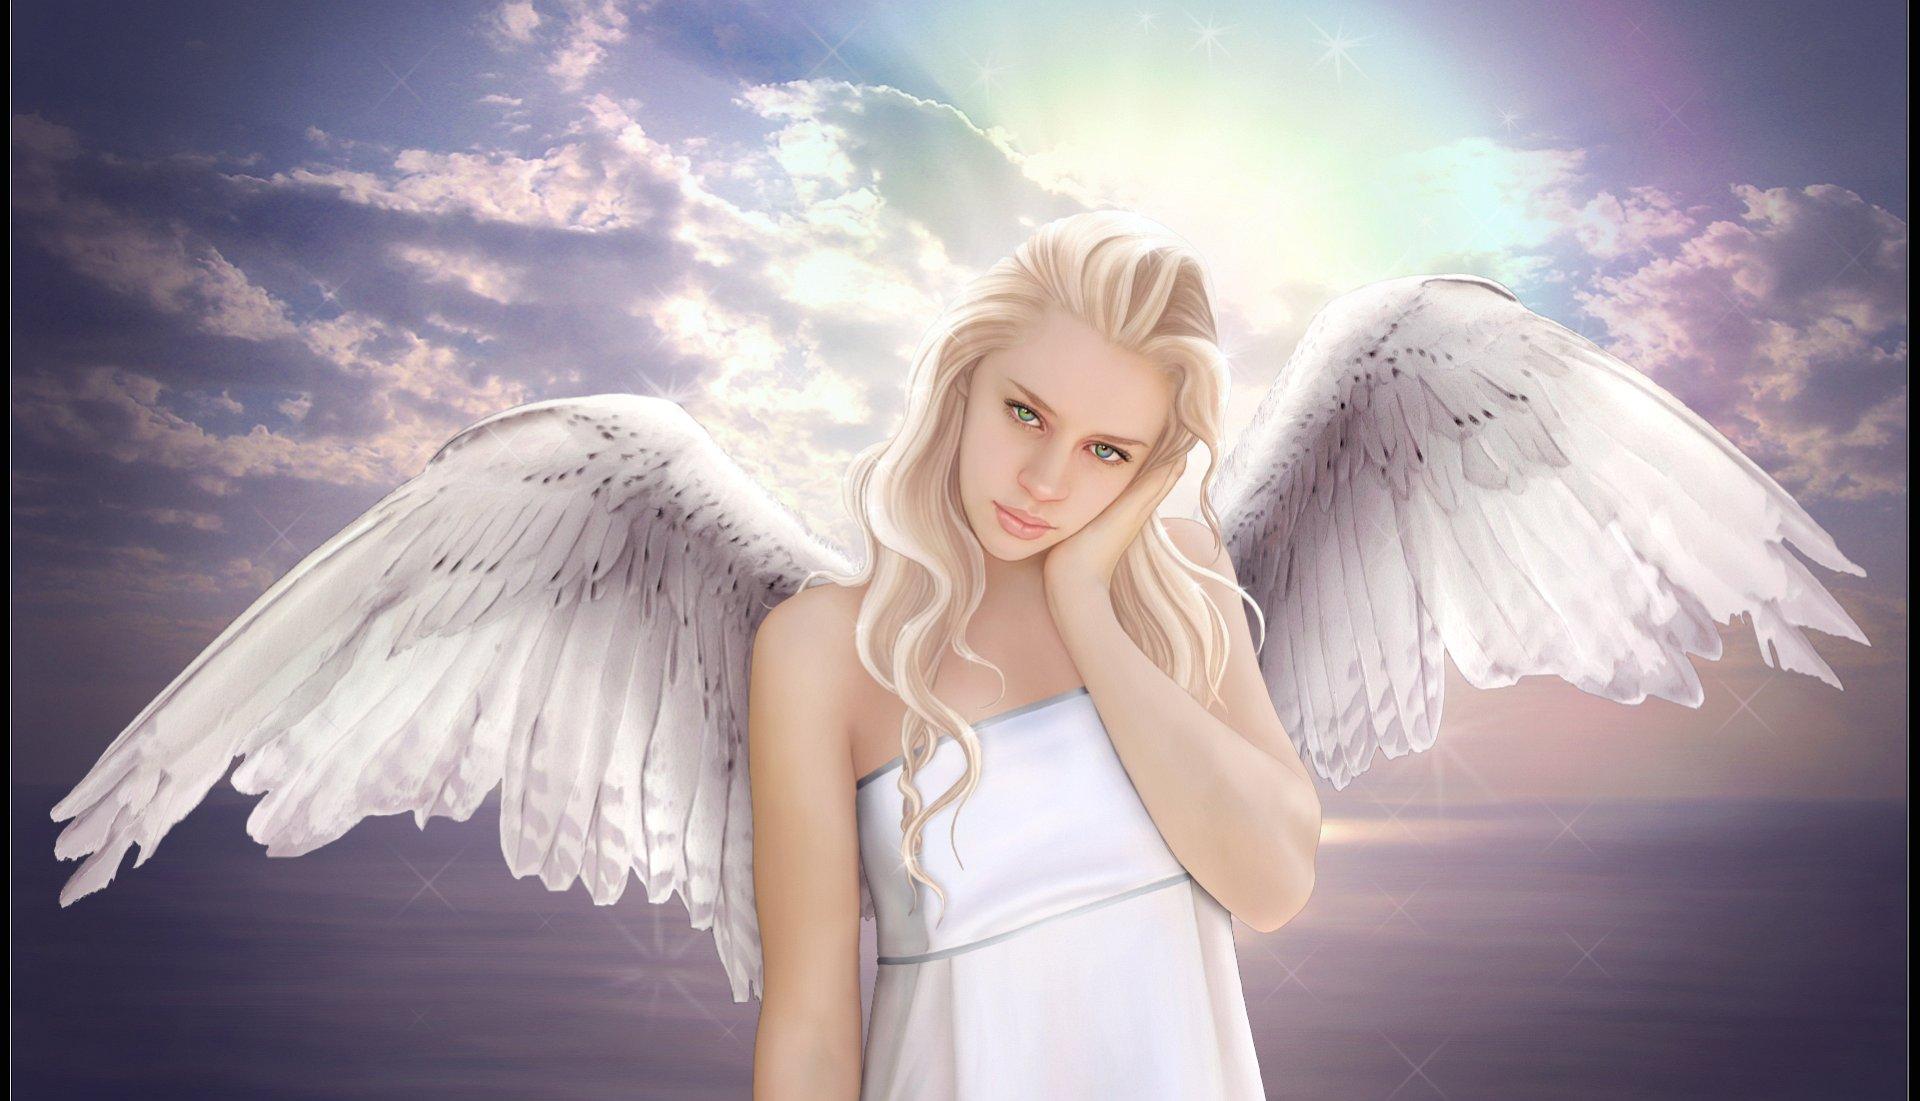 Blonde angel photo